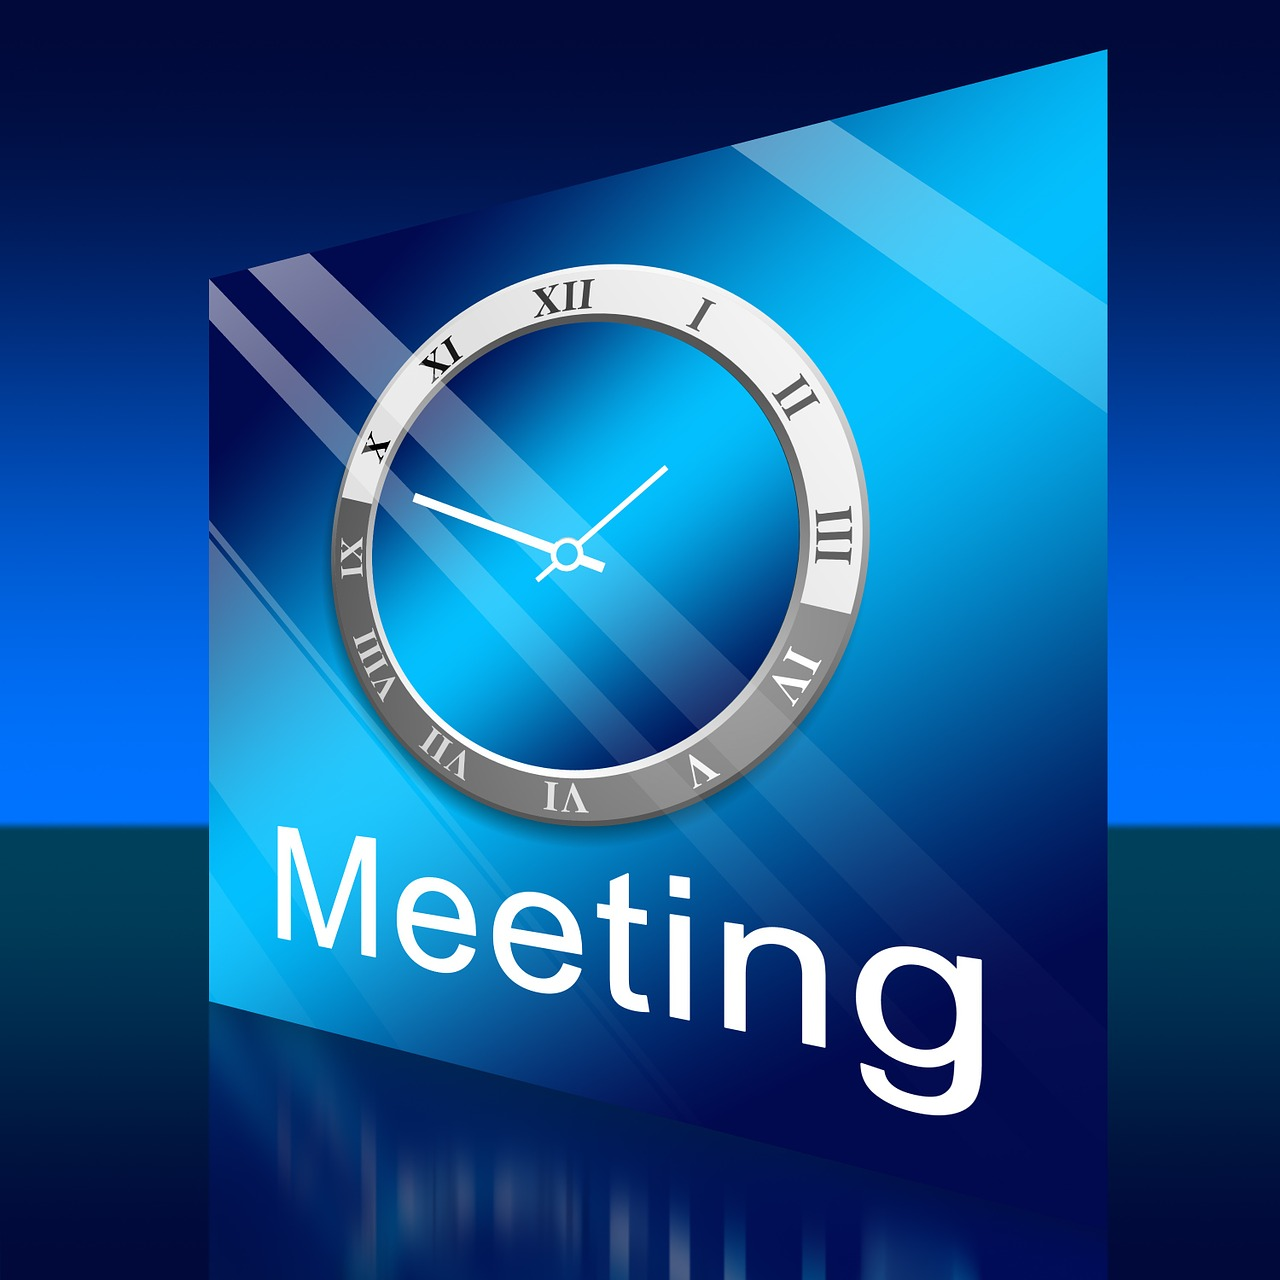 meeting-1248055_1280.jpg